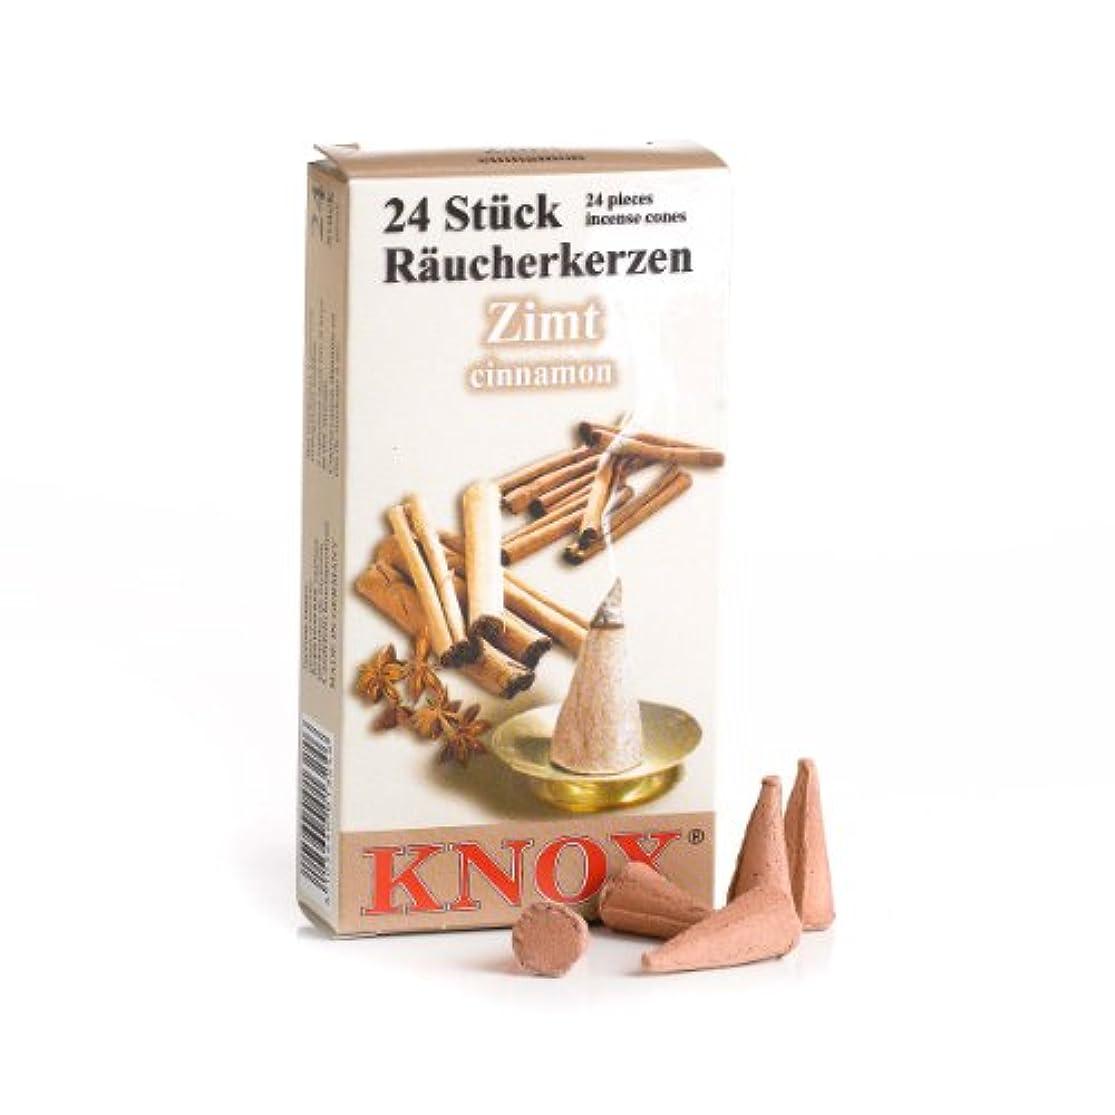 助手アルミニウムトレードKnox Cinnnamon香りつきIncense Cones、24パック、ドイツ製